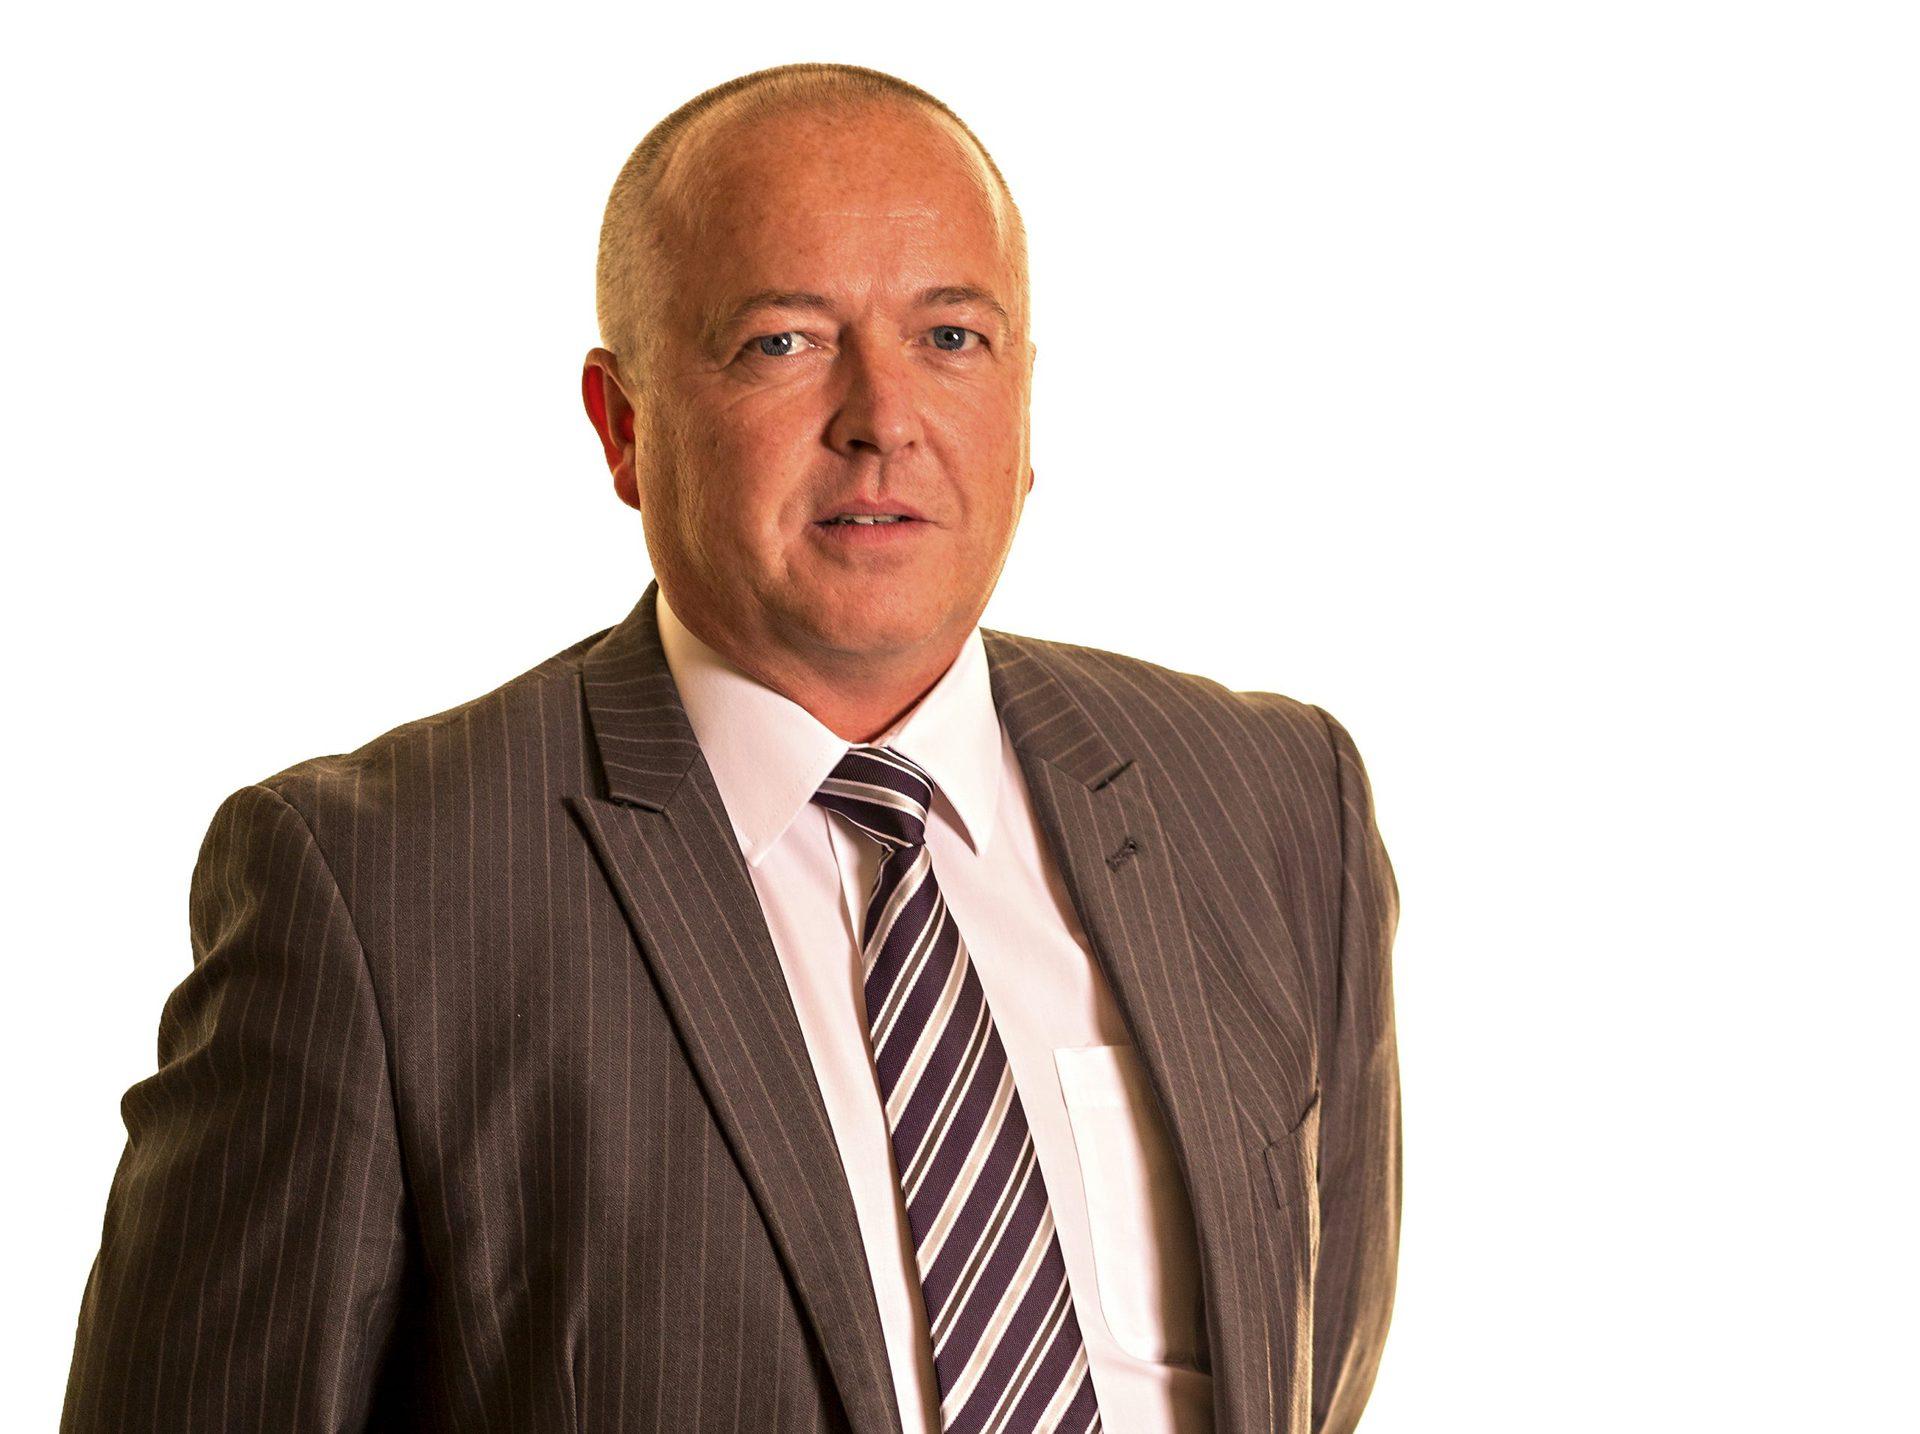 Colin-Wilkinson